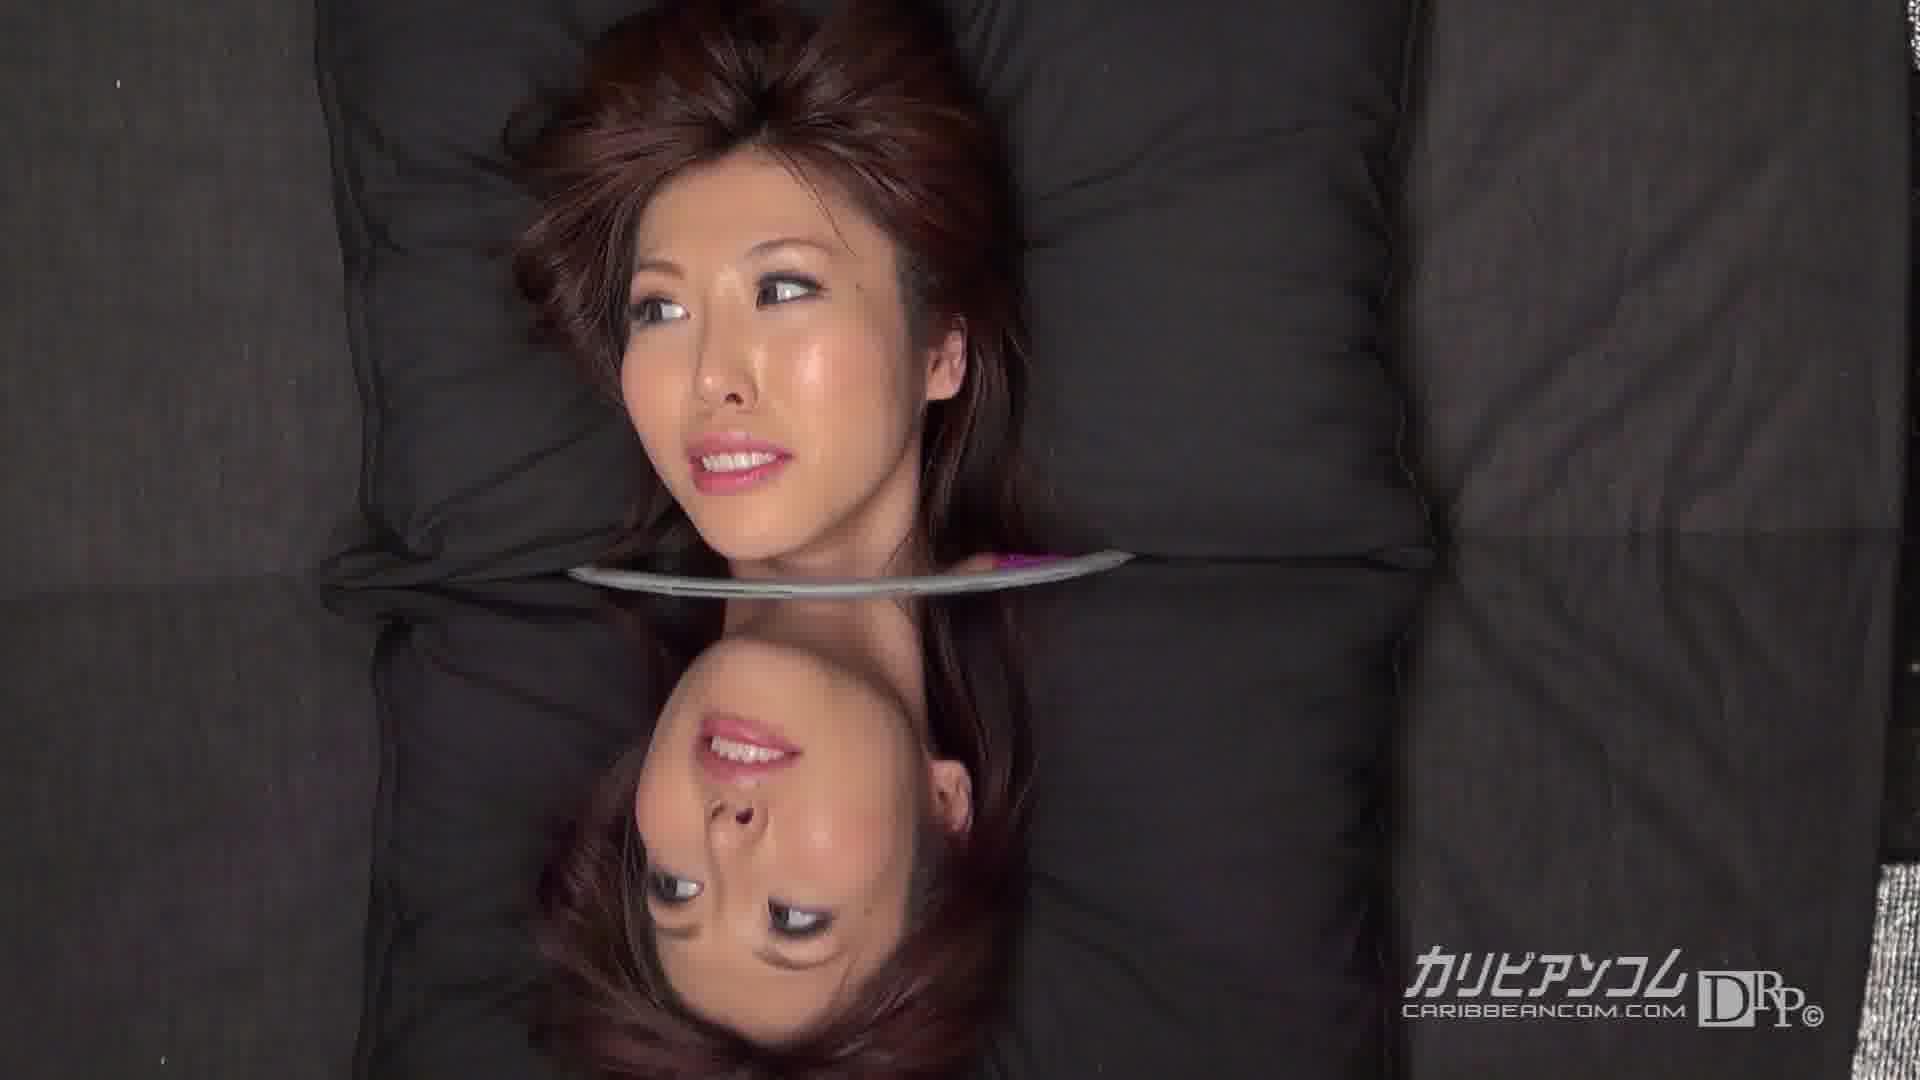 マジックミラーギロチン ~鏡の向こうでキモザーメン注入~ - 舞希香【潮吹き・巨乳・初裏】